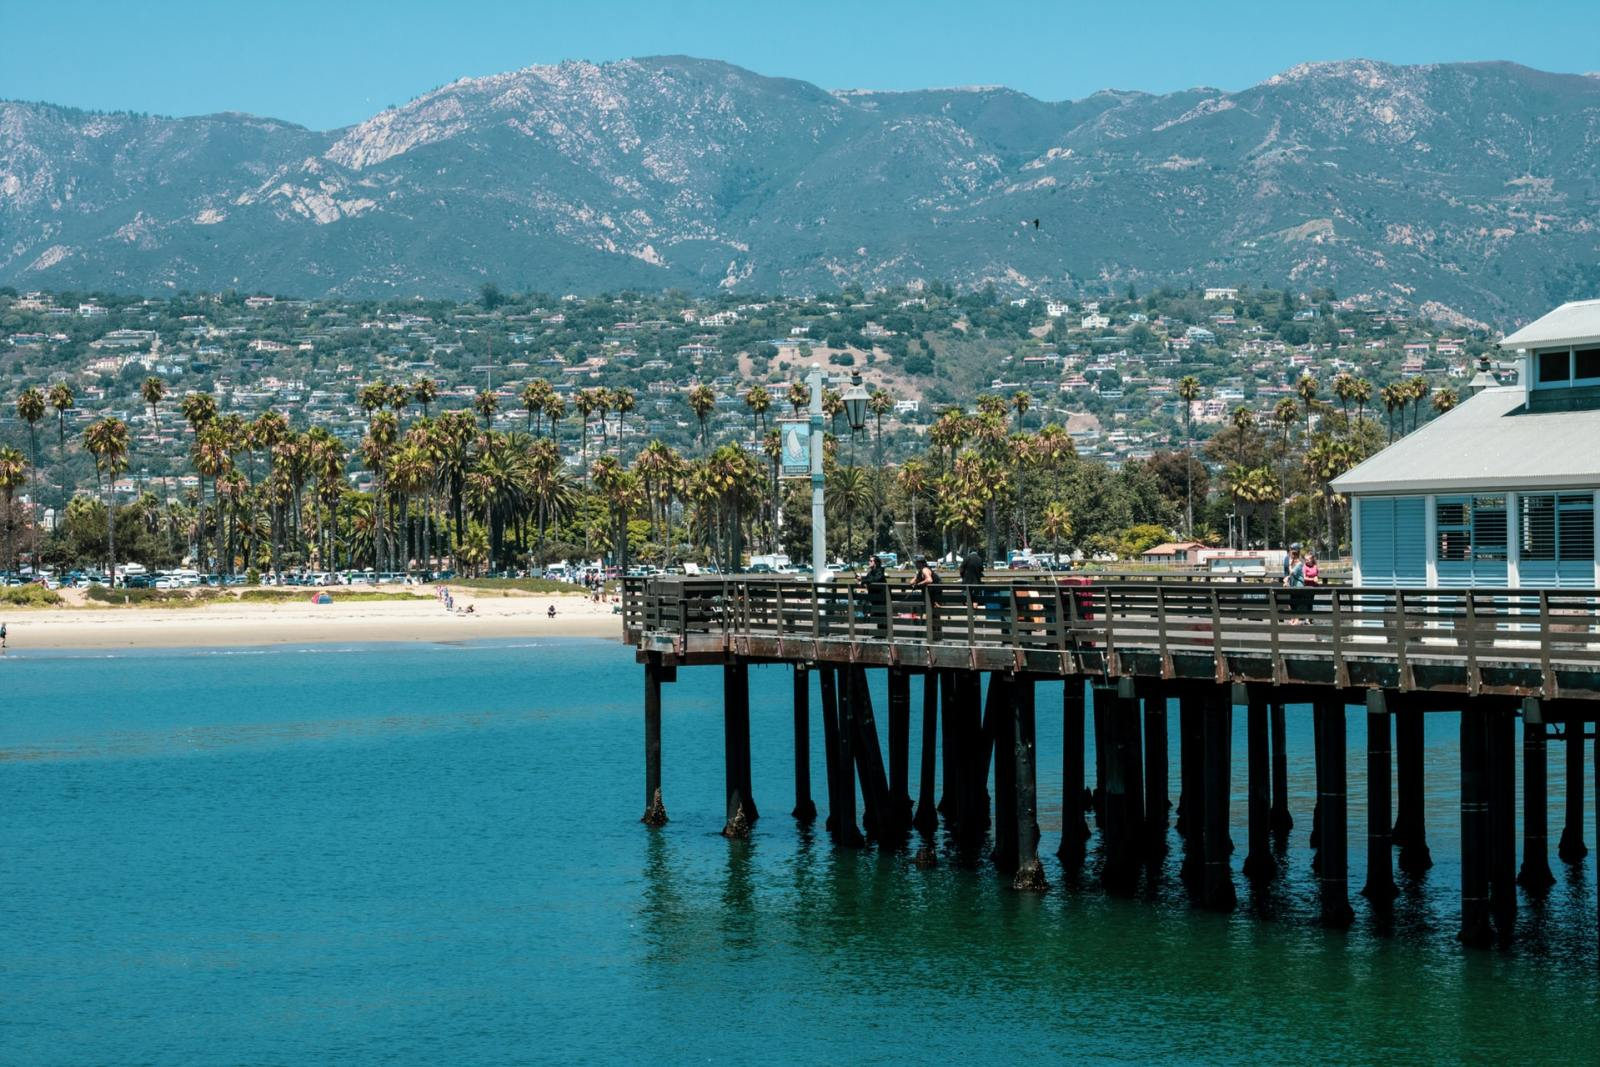 Las mejores zonas donde alojarse en Santa Bárbara, CA